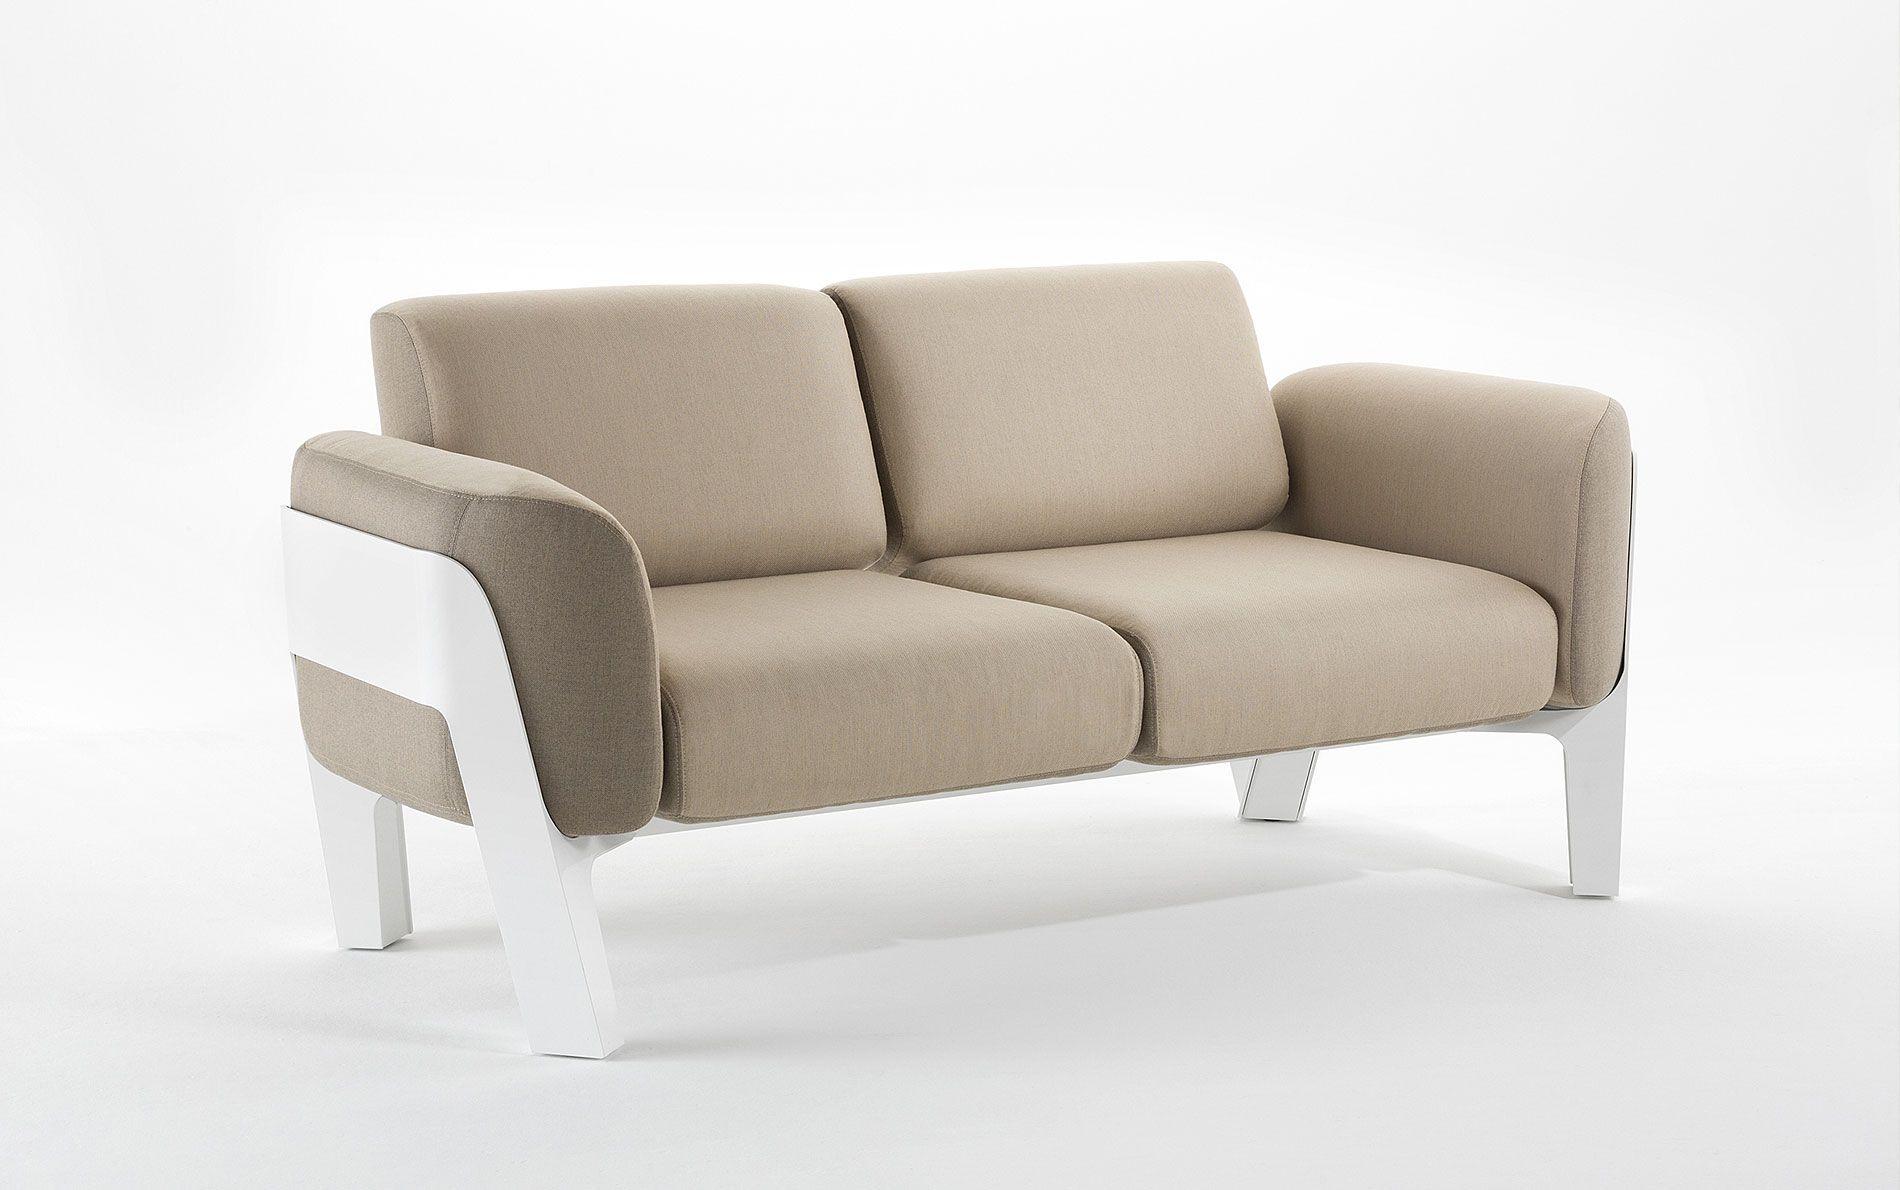 bienvenue gartensofa zweisitzer - möbel / gartenmöbel